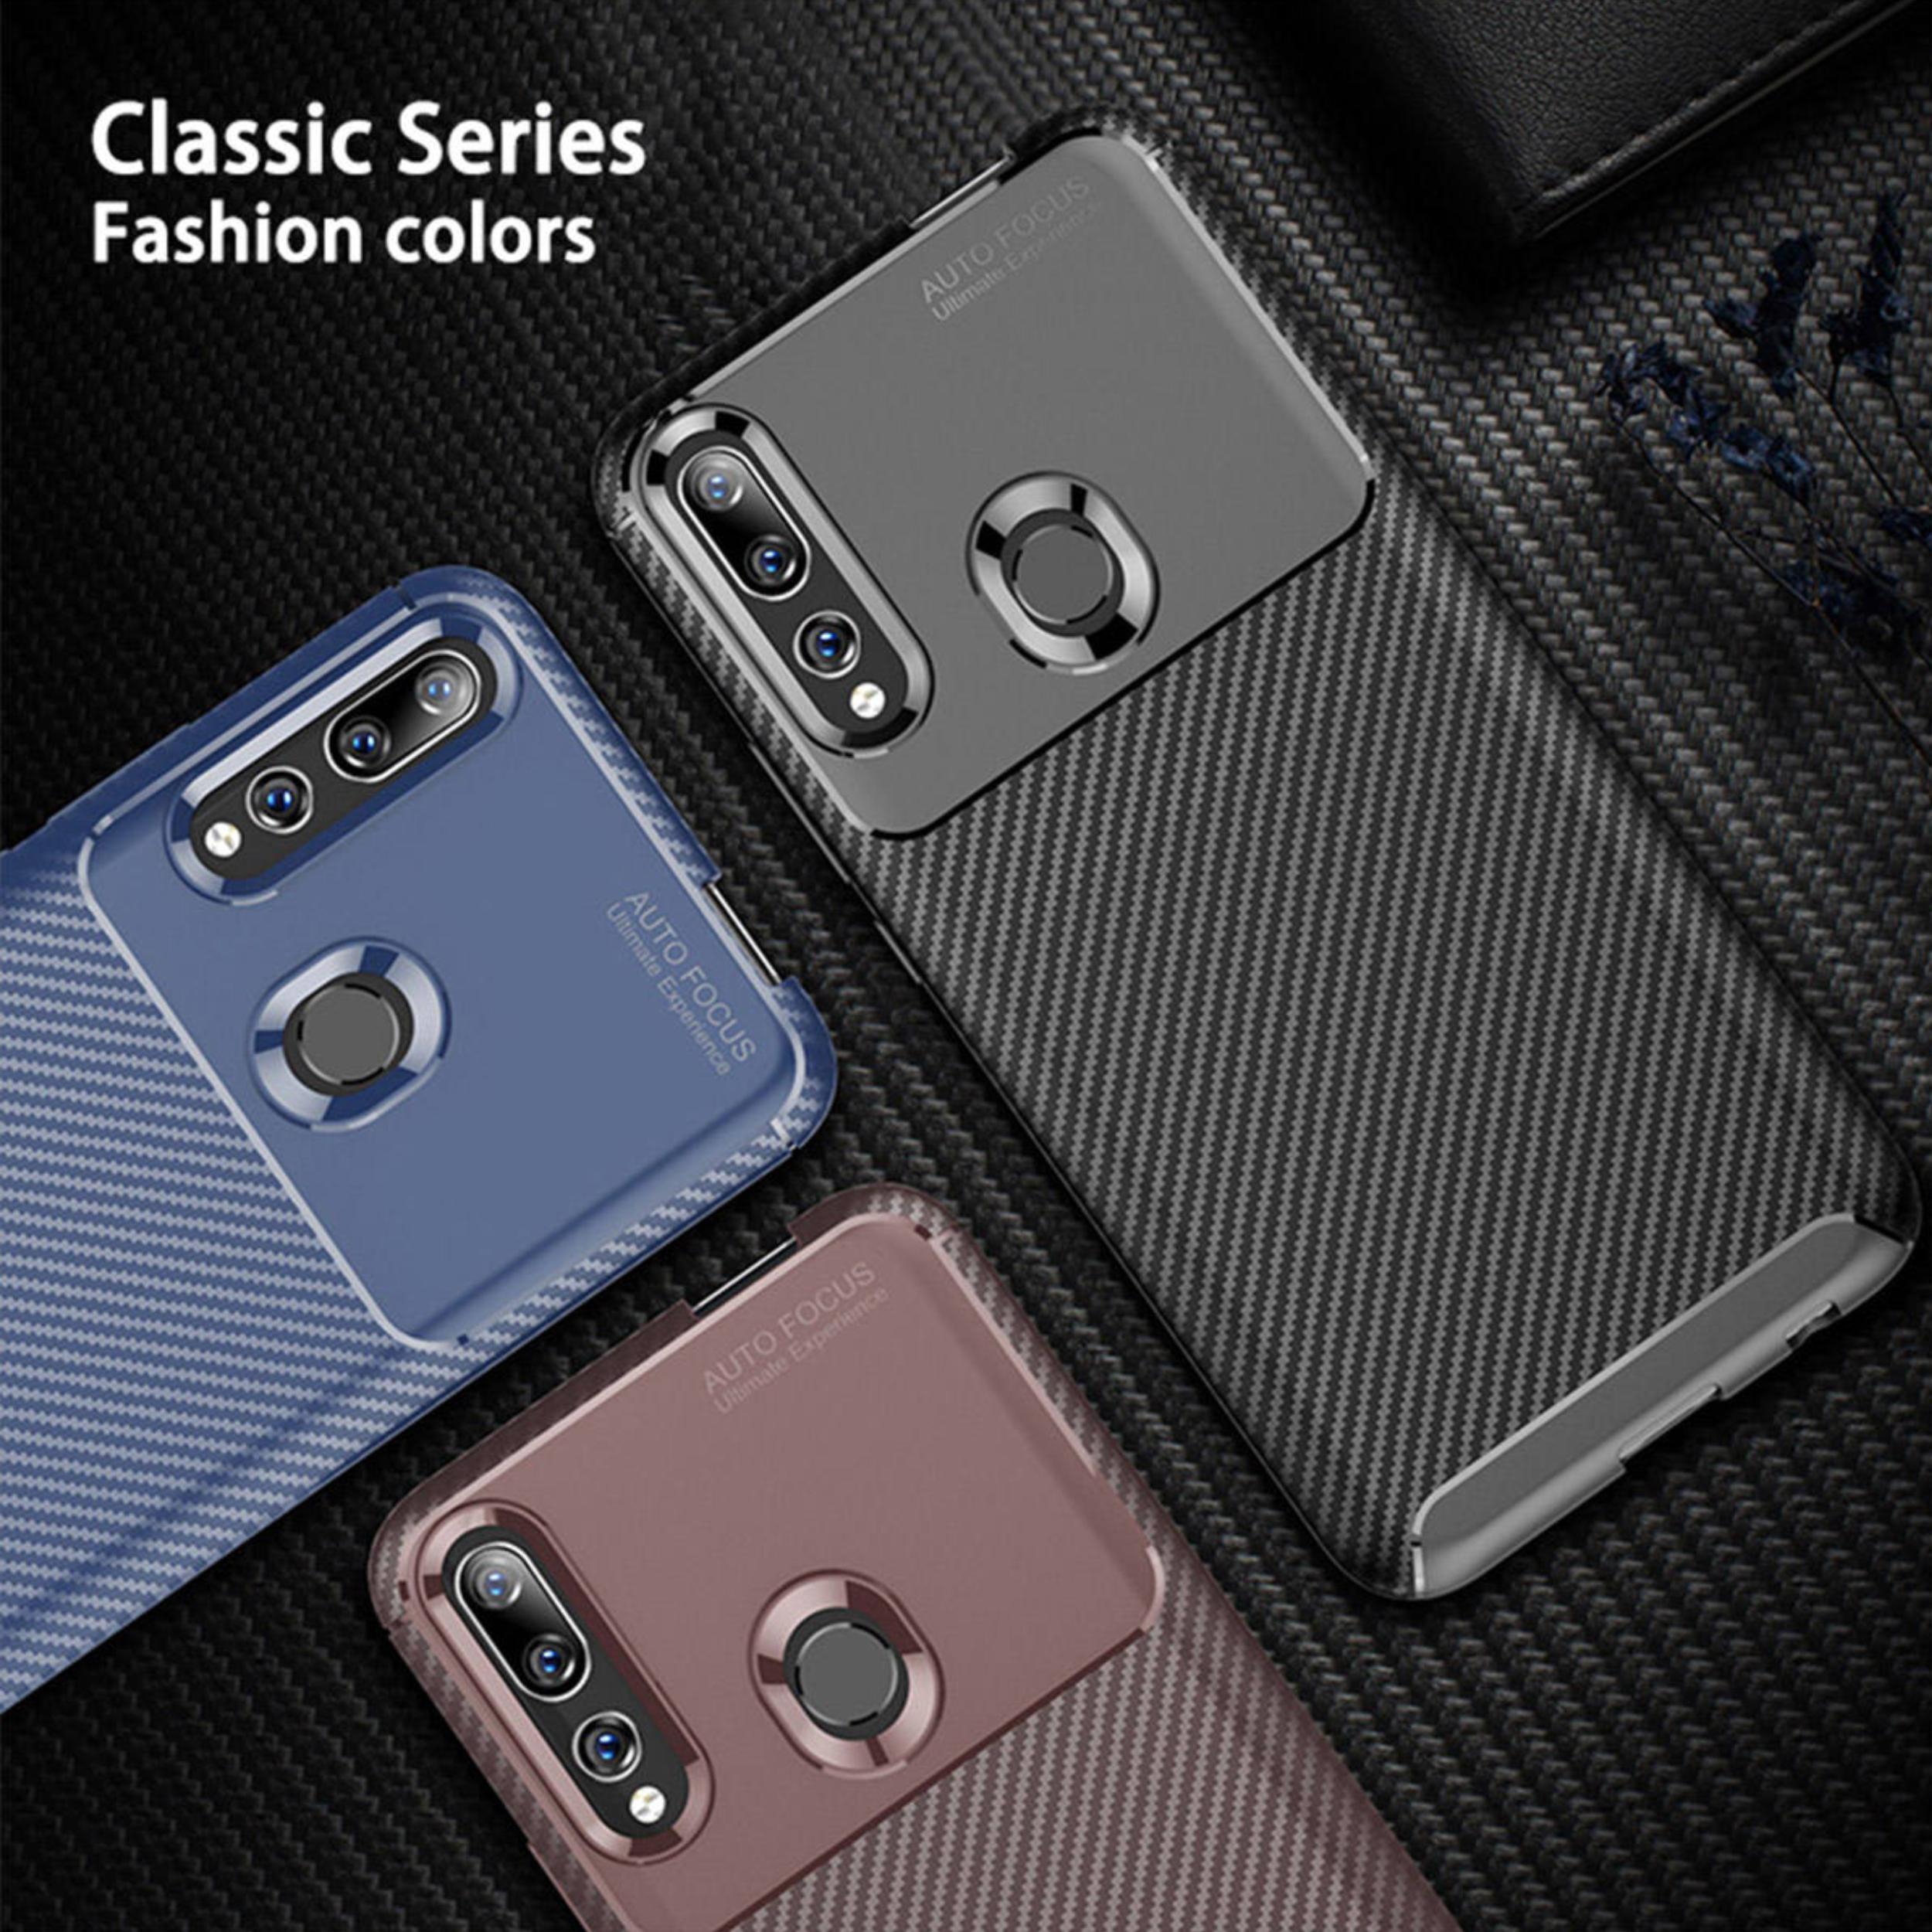 کاور لاین کینگ مدل A21 مناسب برای گوشی موبایل هوآوی Y9 Prime 2019 / آنر 9X thumb 2 9